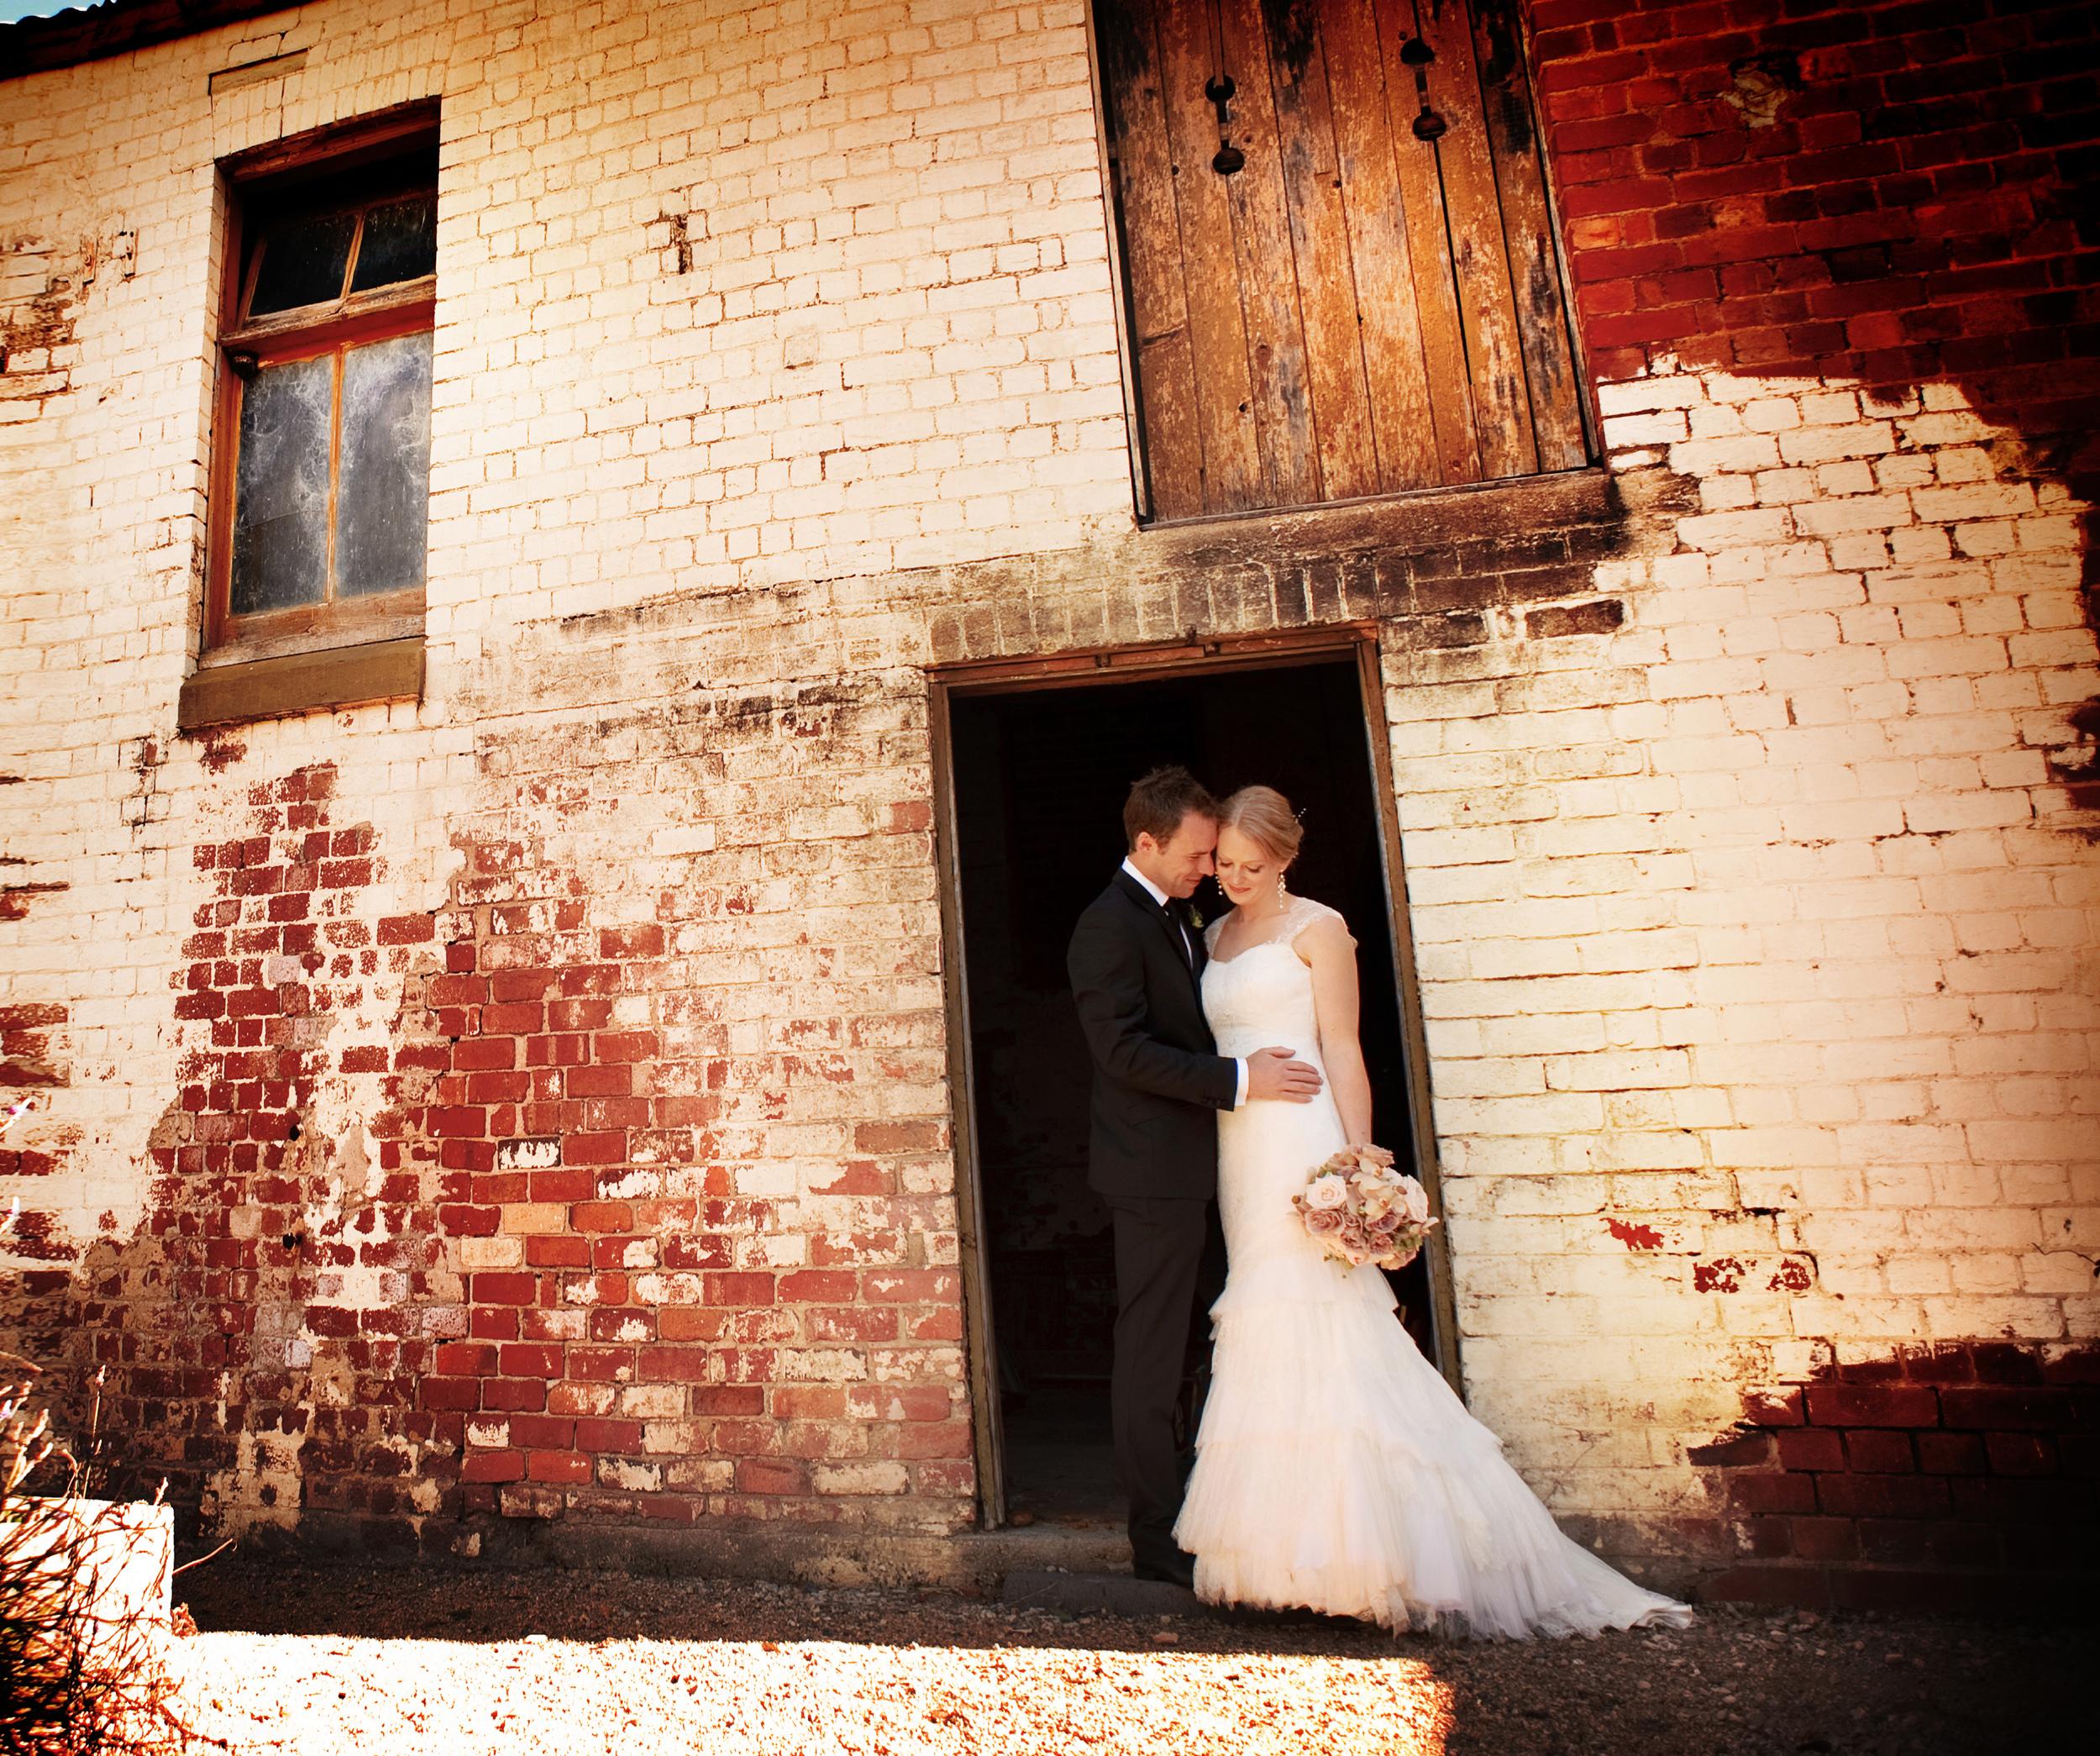 euroa_butter_factory_wedding_photography_81.jpg